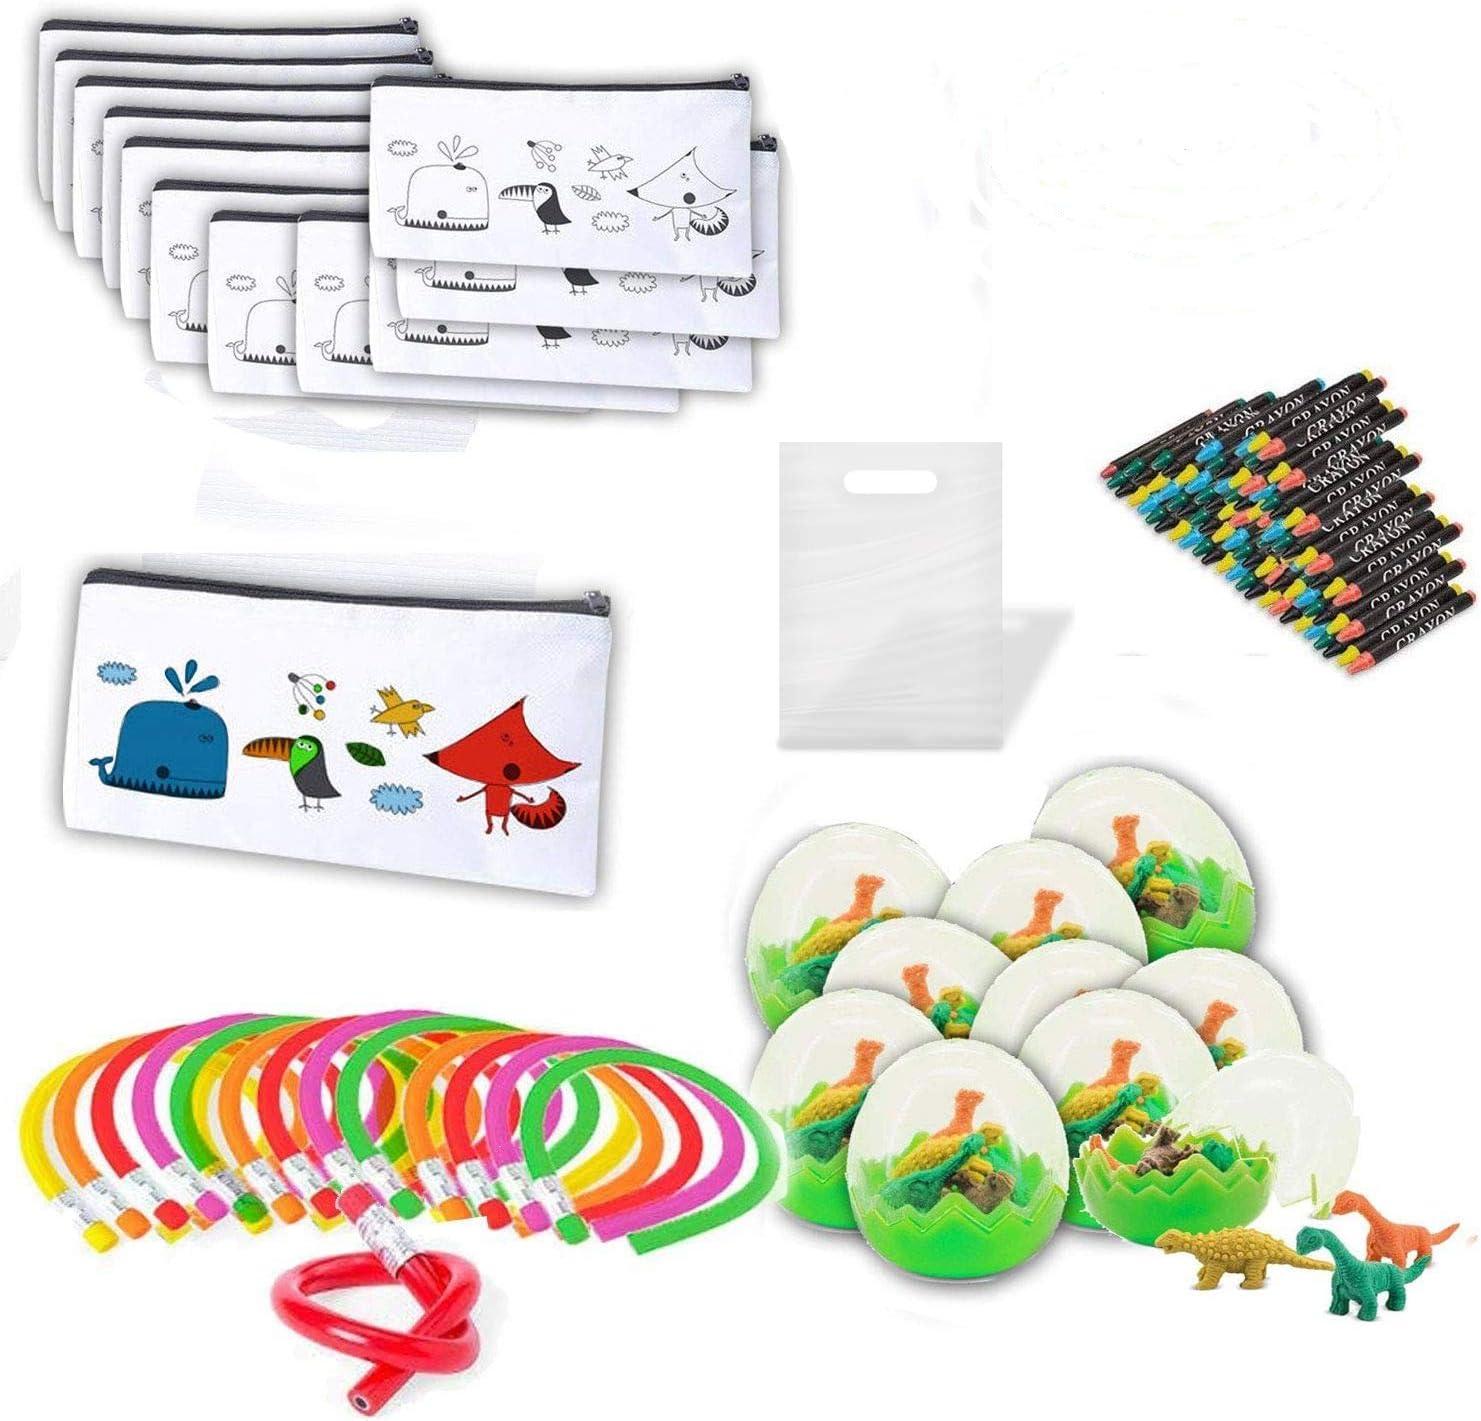 🎁 Lote 15 Estuches para colorear ➕ 15 set de ceras ➕ 15 lápices flexibles ➕ 15 huevos con gomas de borrar: Amazon.es: Juguetes y juegos